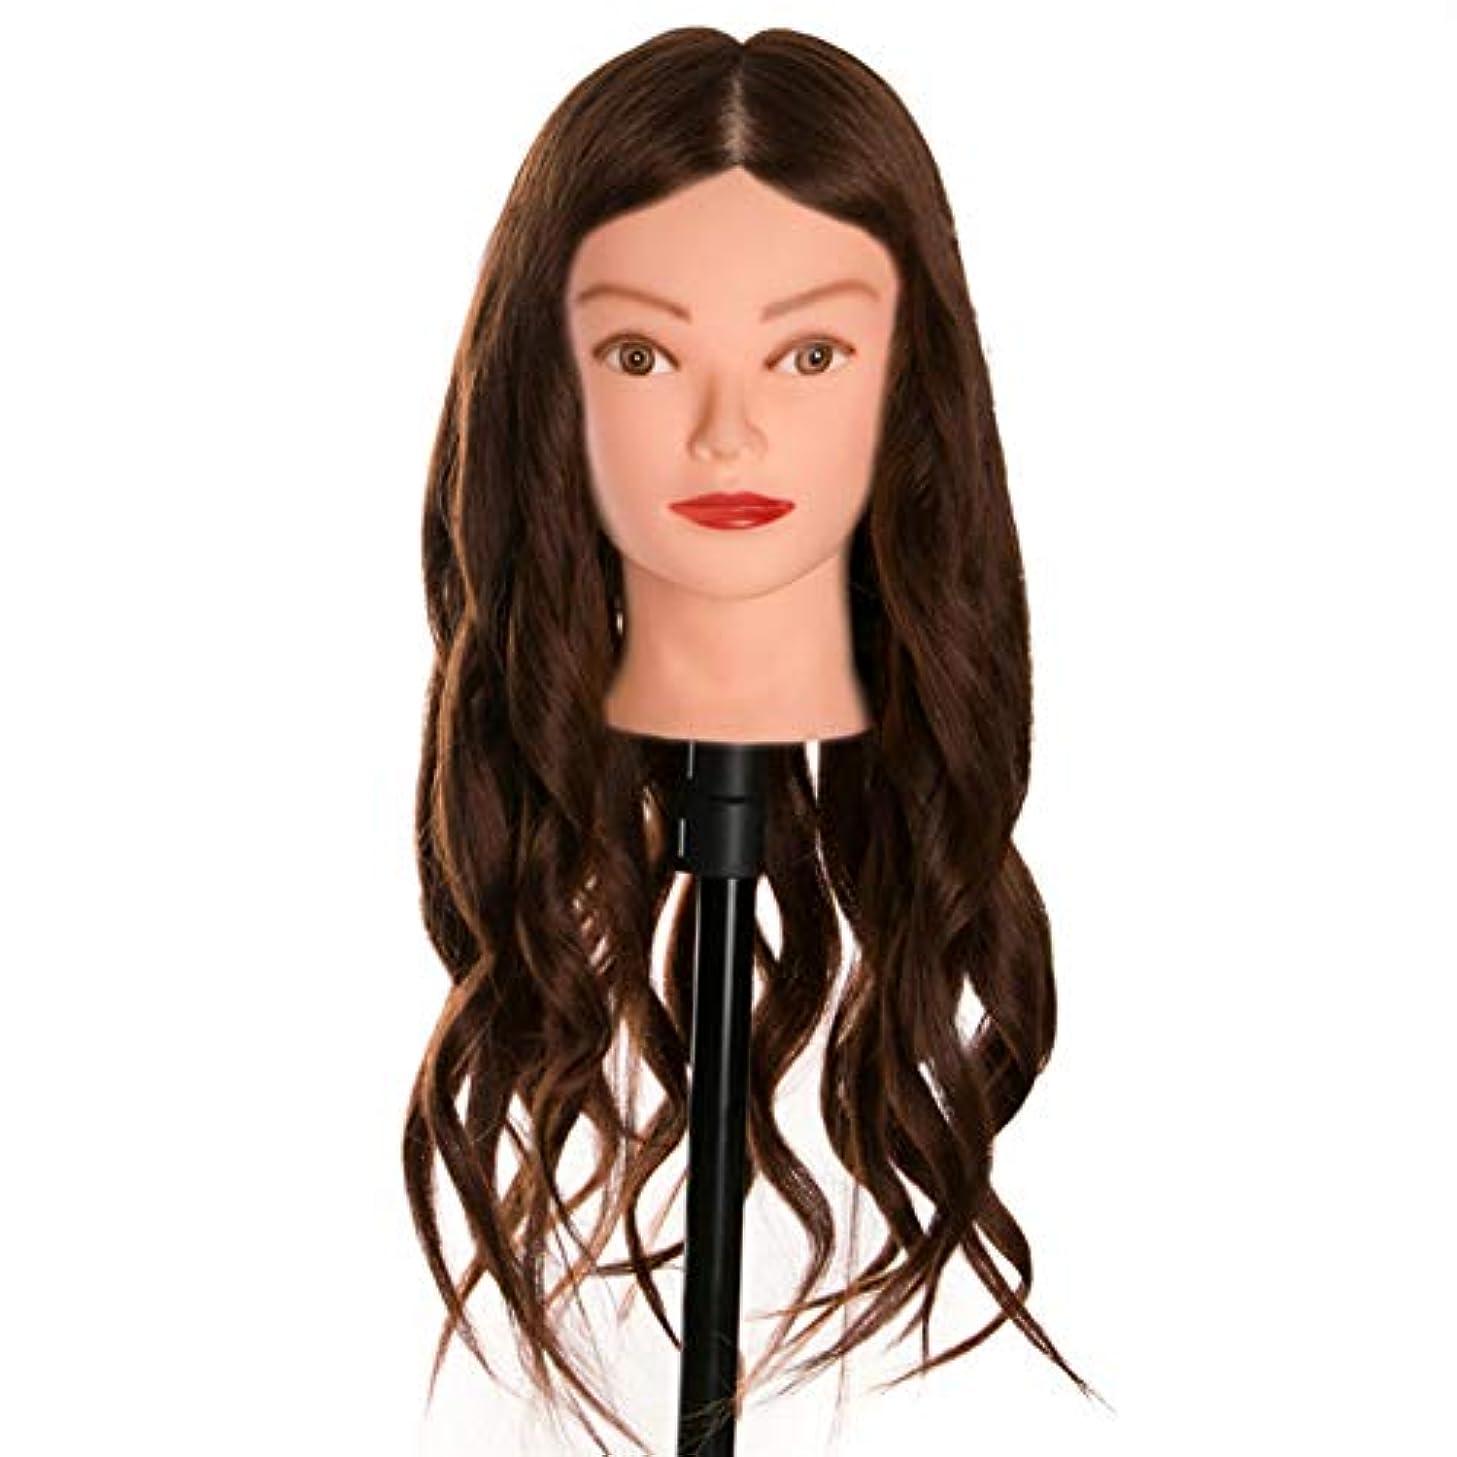 青写真恩恵日付理髪サロンエクササイズヘッド金型メイクディスクヘアスタイリング編み教育ダミーヘッドヘアカットトレーニングかつら金型3個